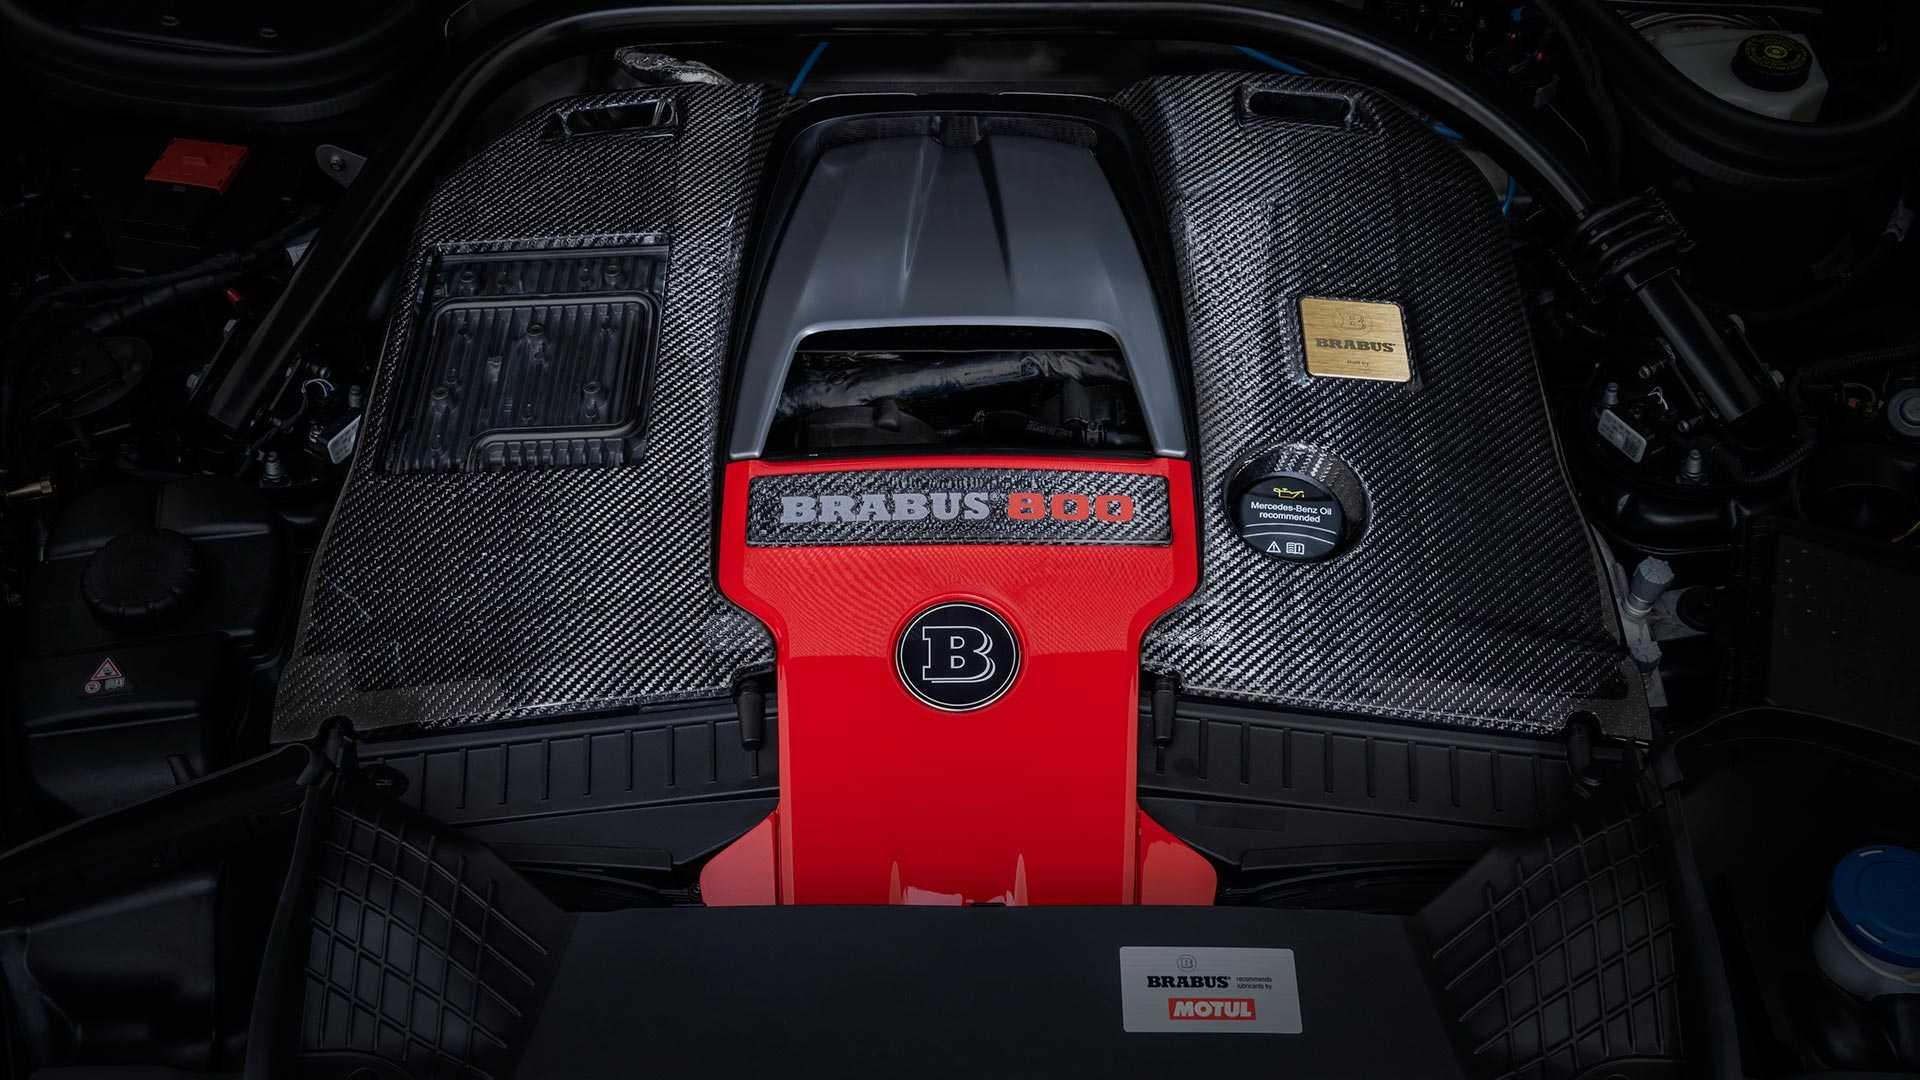 Brabus Mercedes-AMG G63 Shadow 800